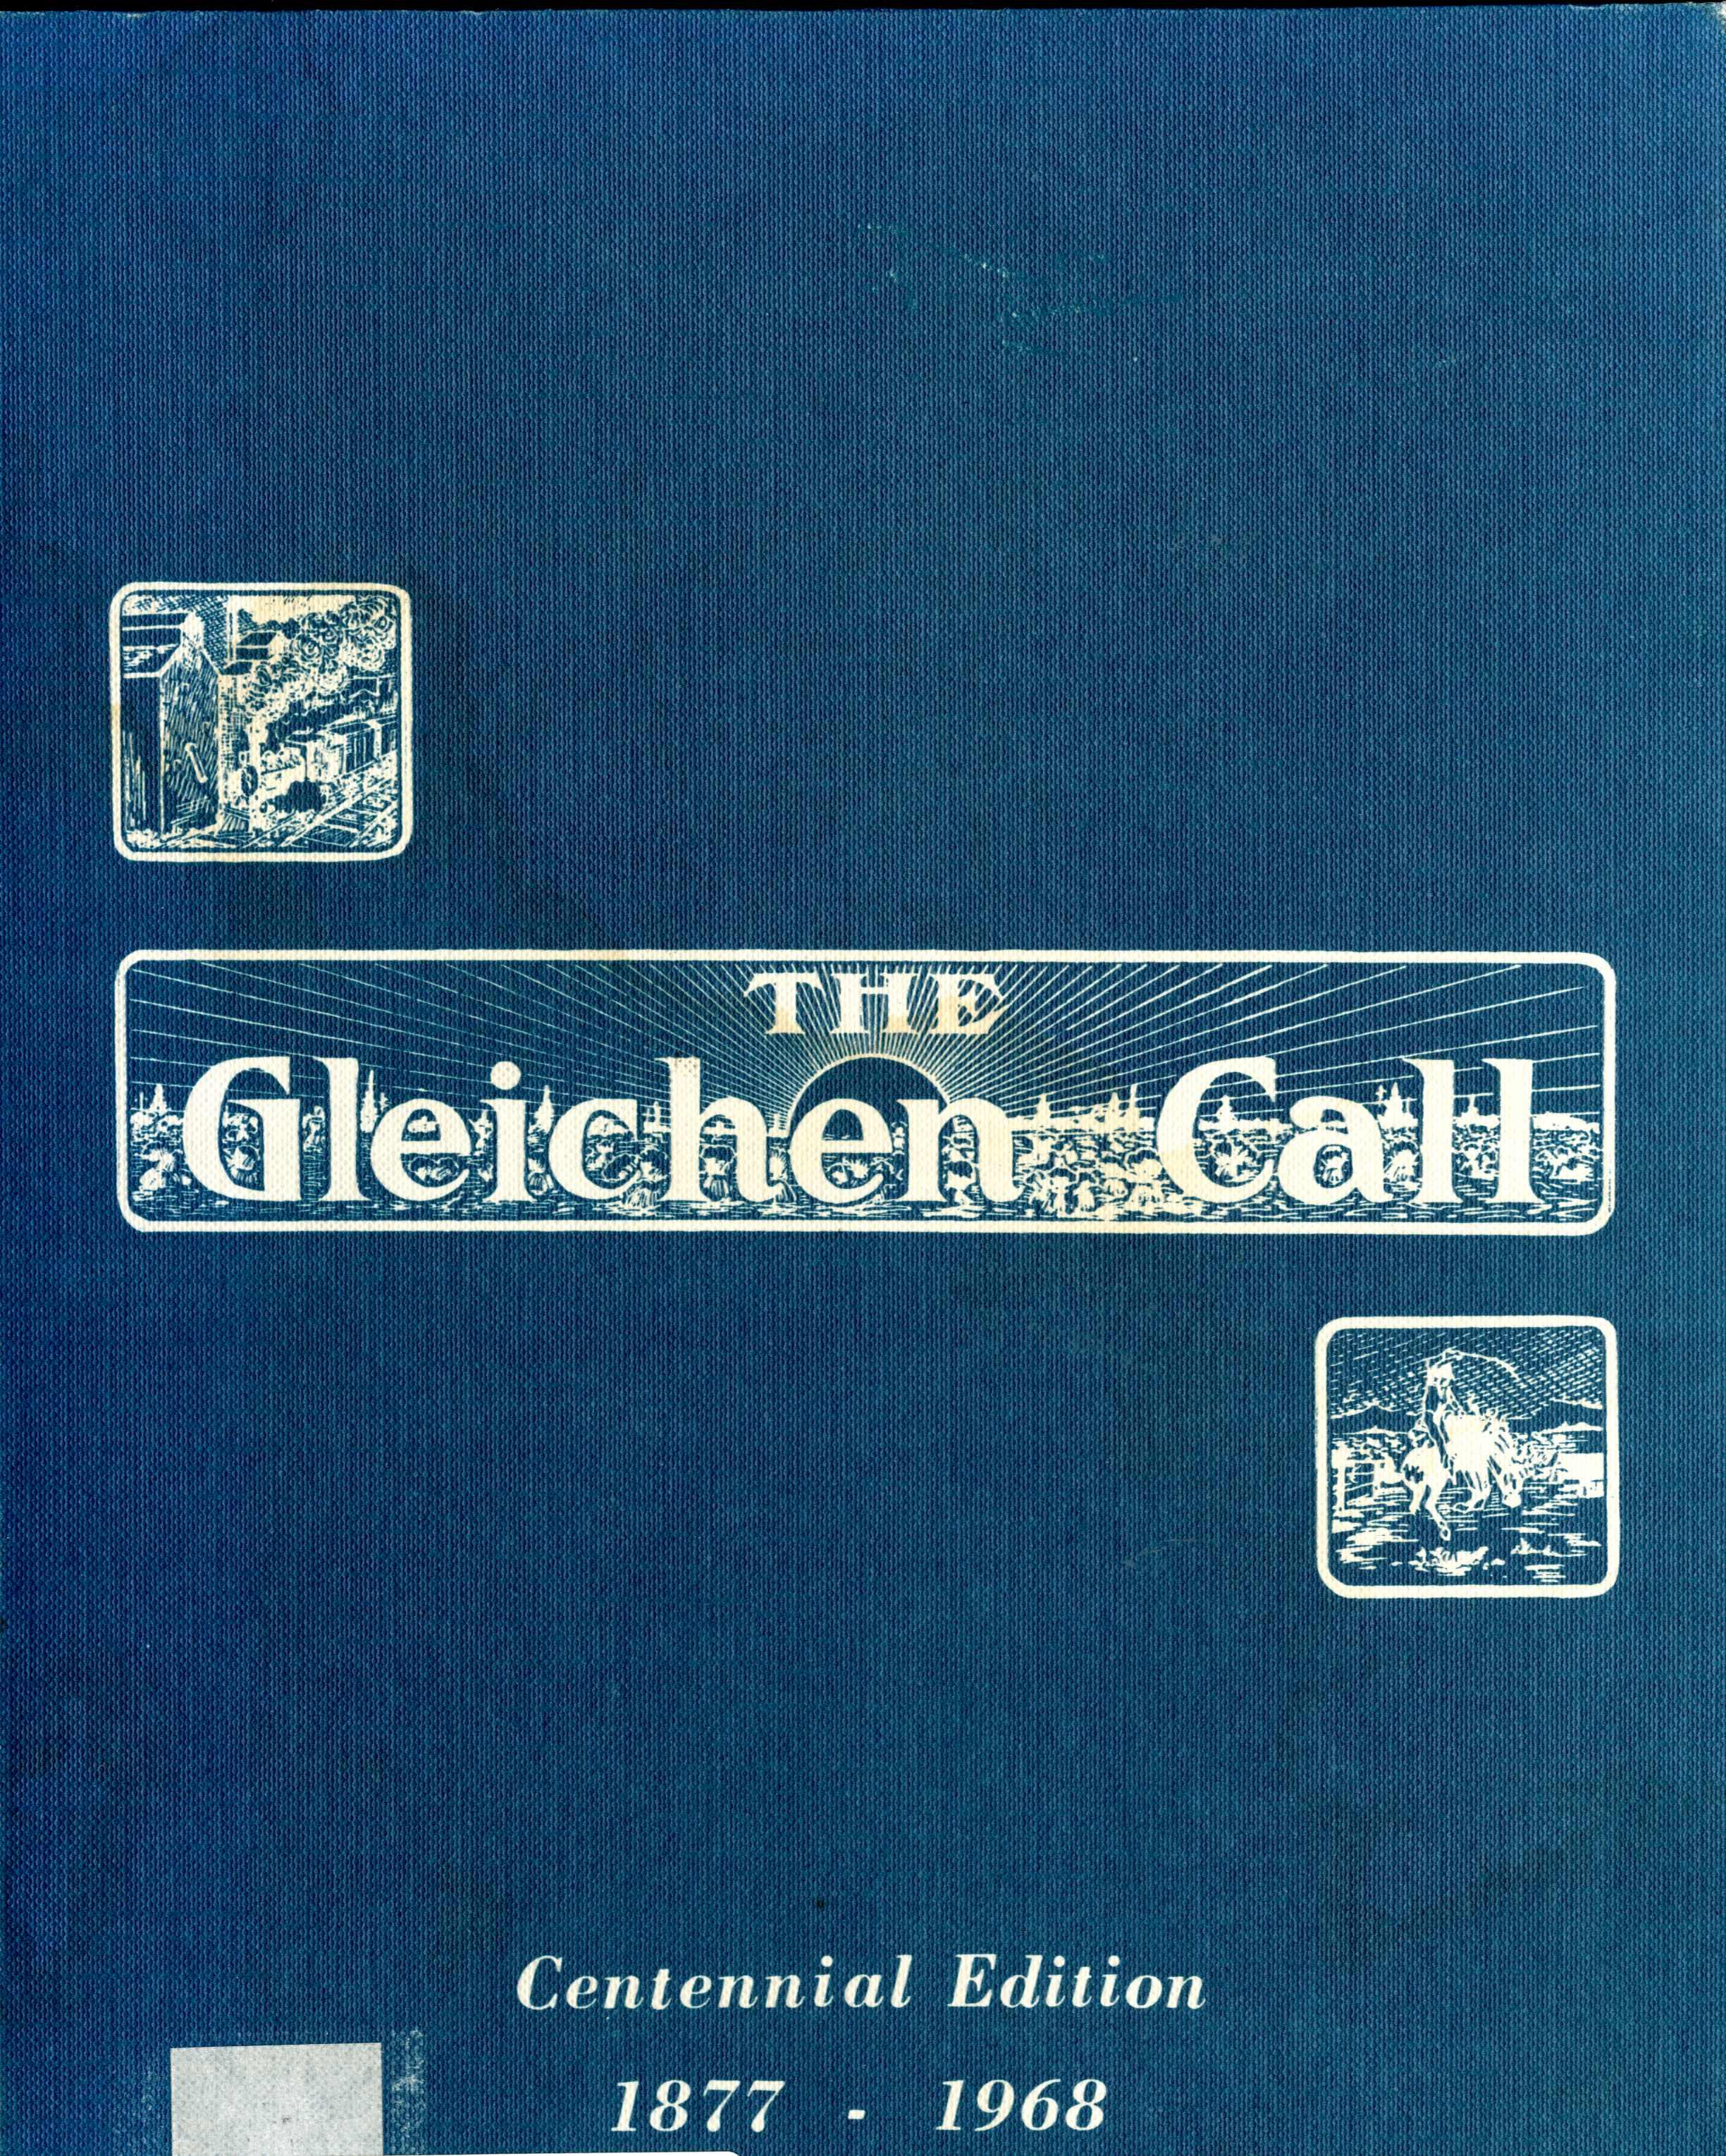 The Gleichen Call Image